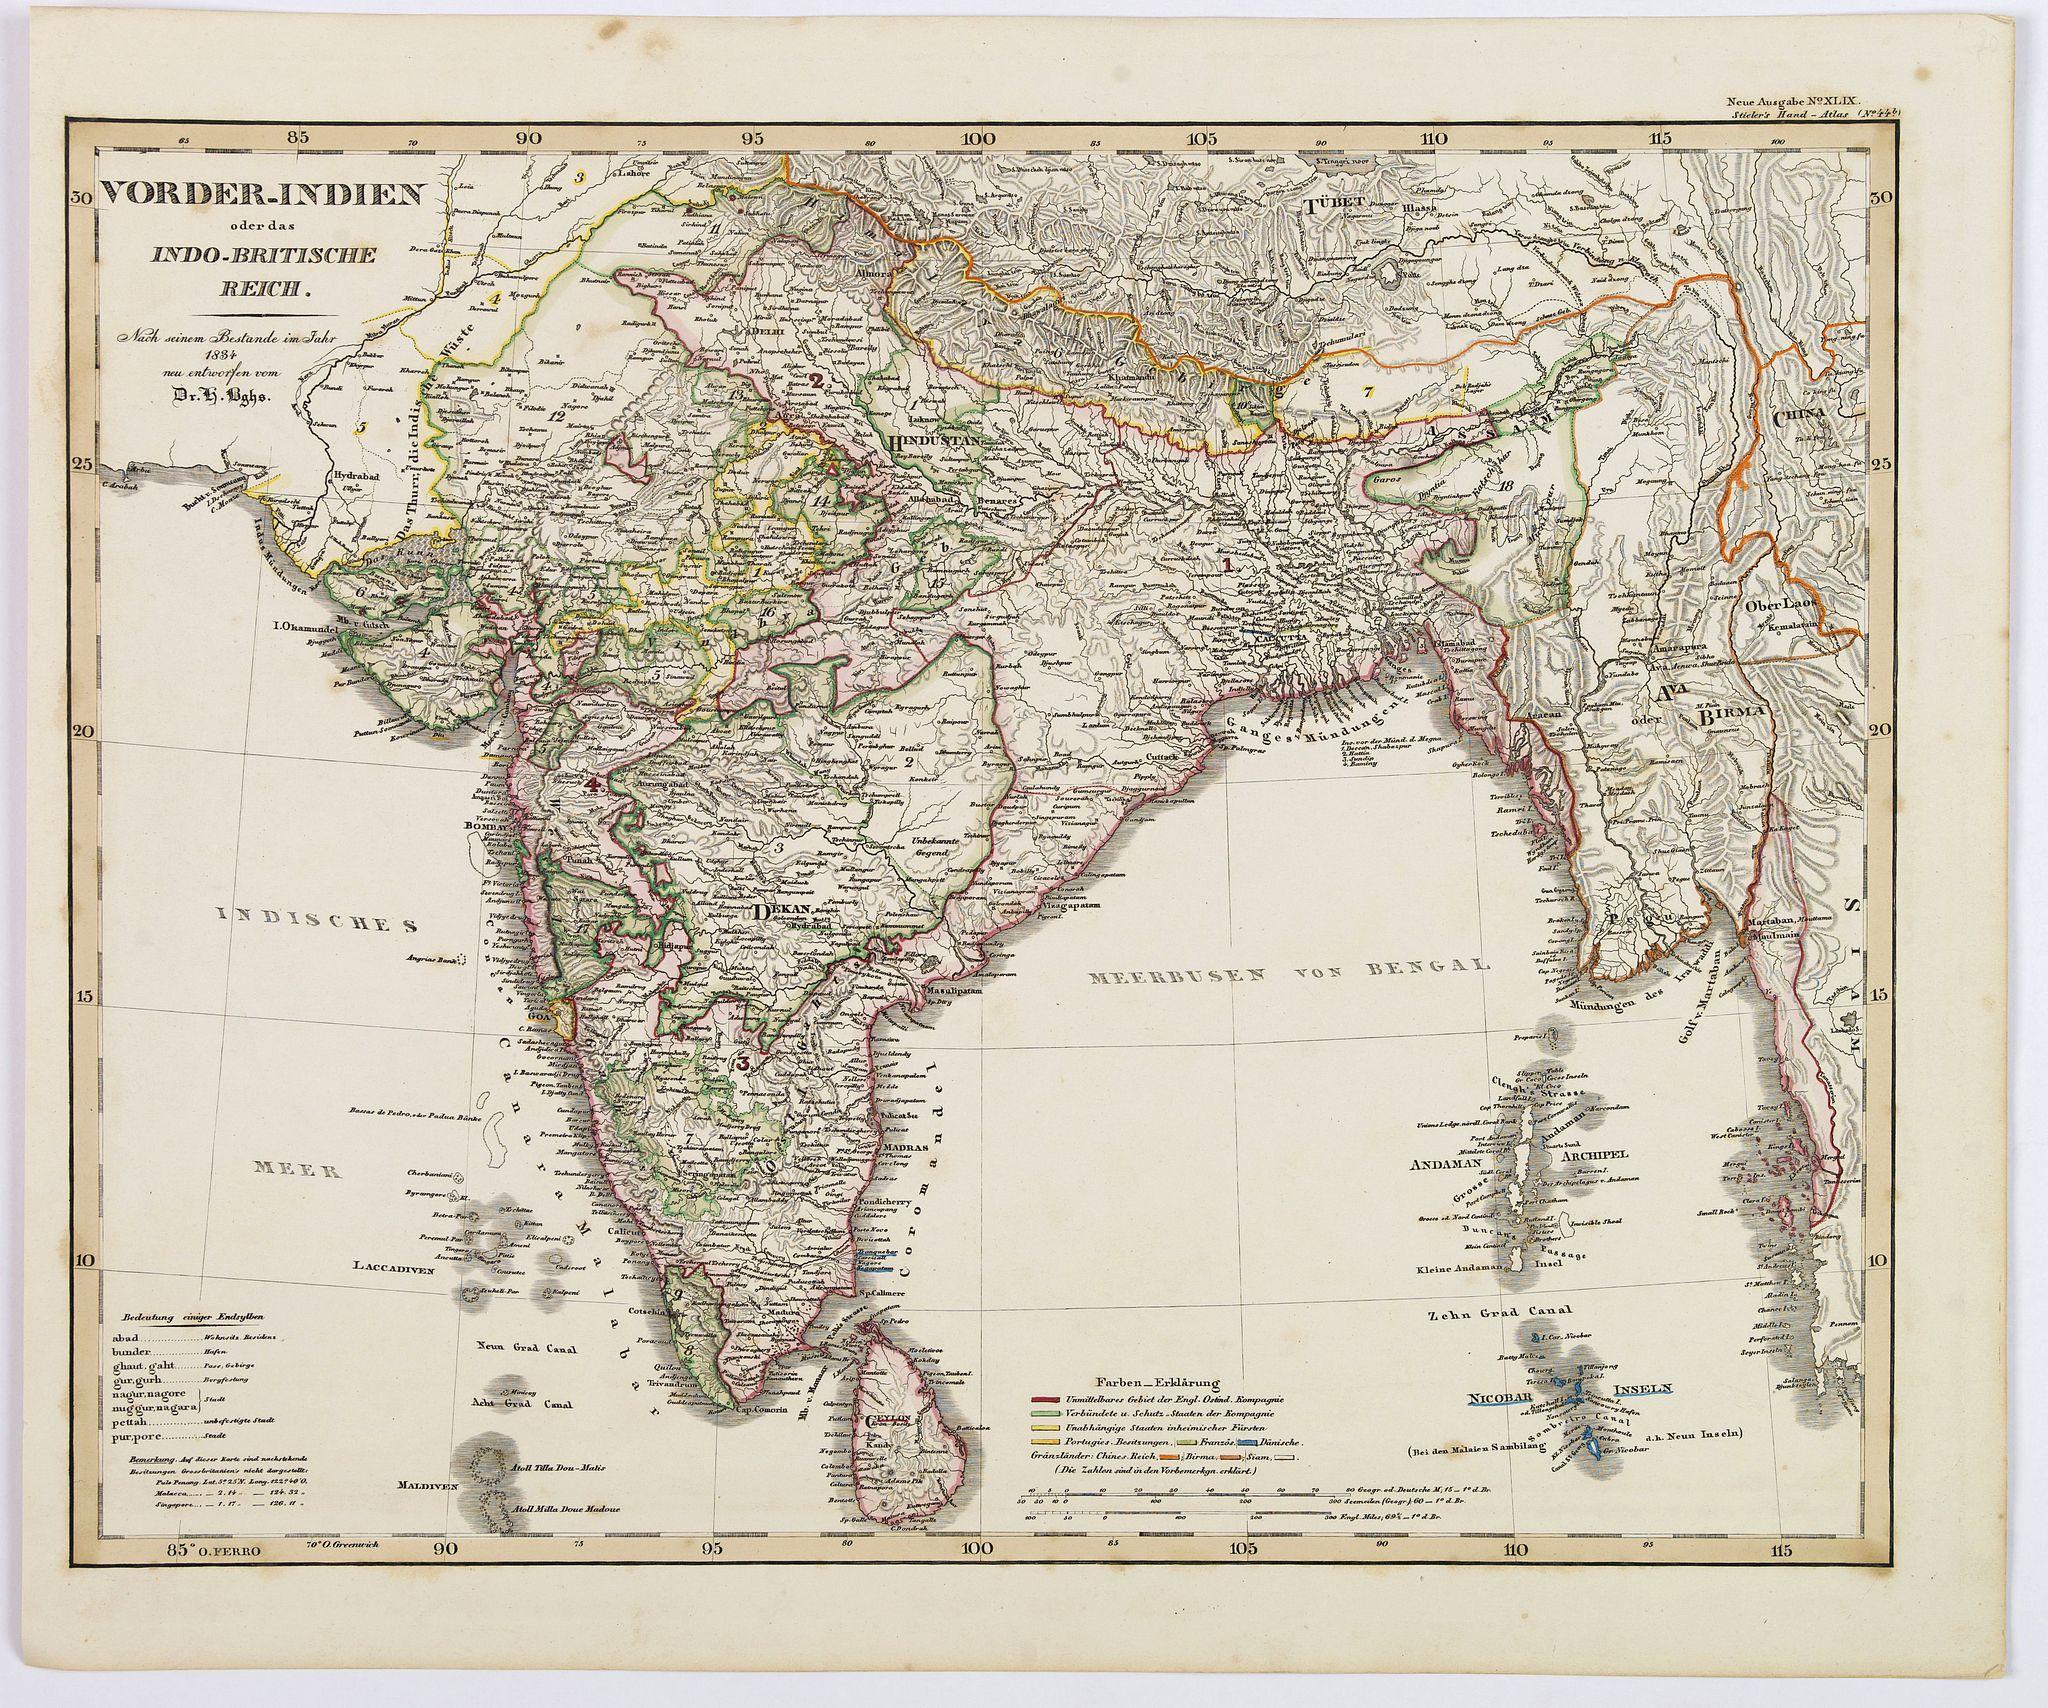 STEILER. - Vorder-Indien oder dasIndo-Britische Reich.